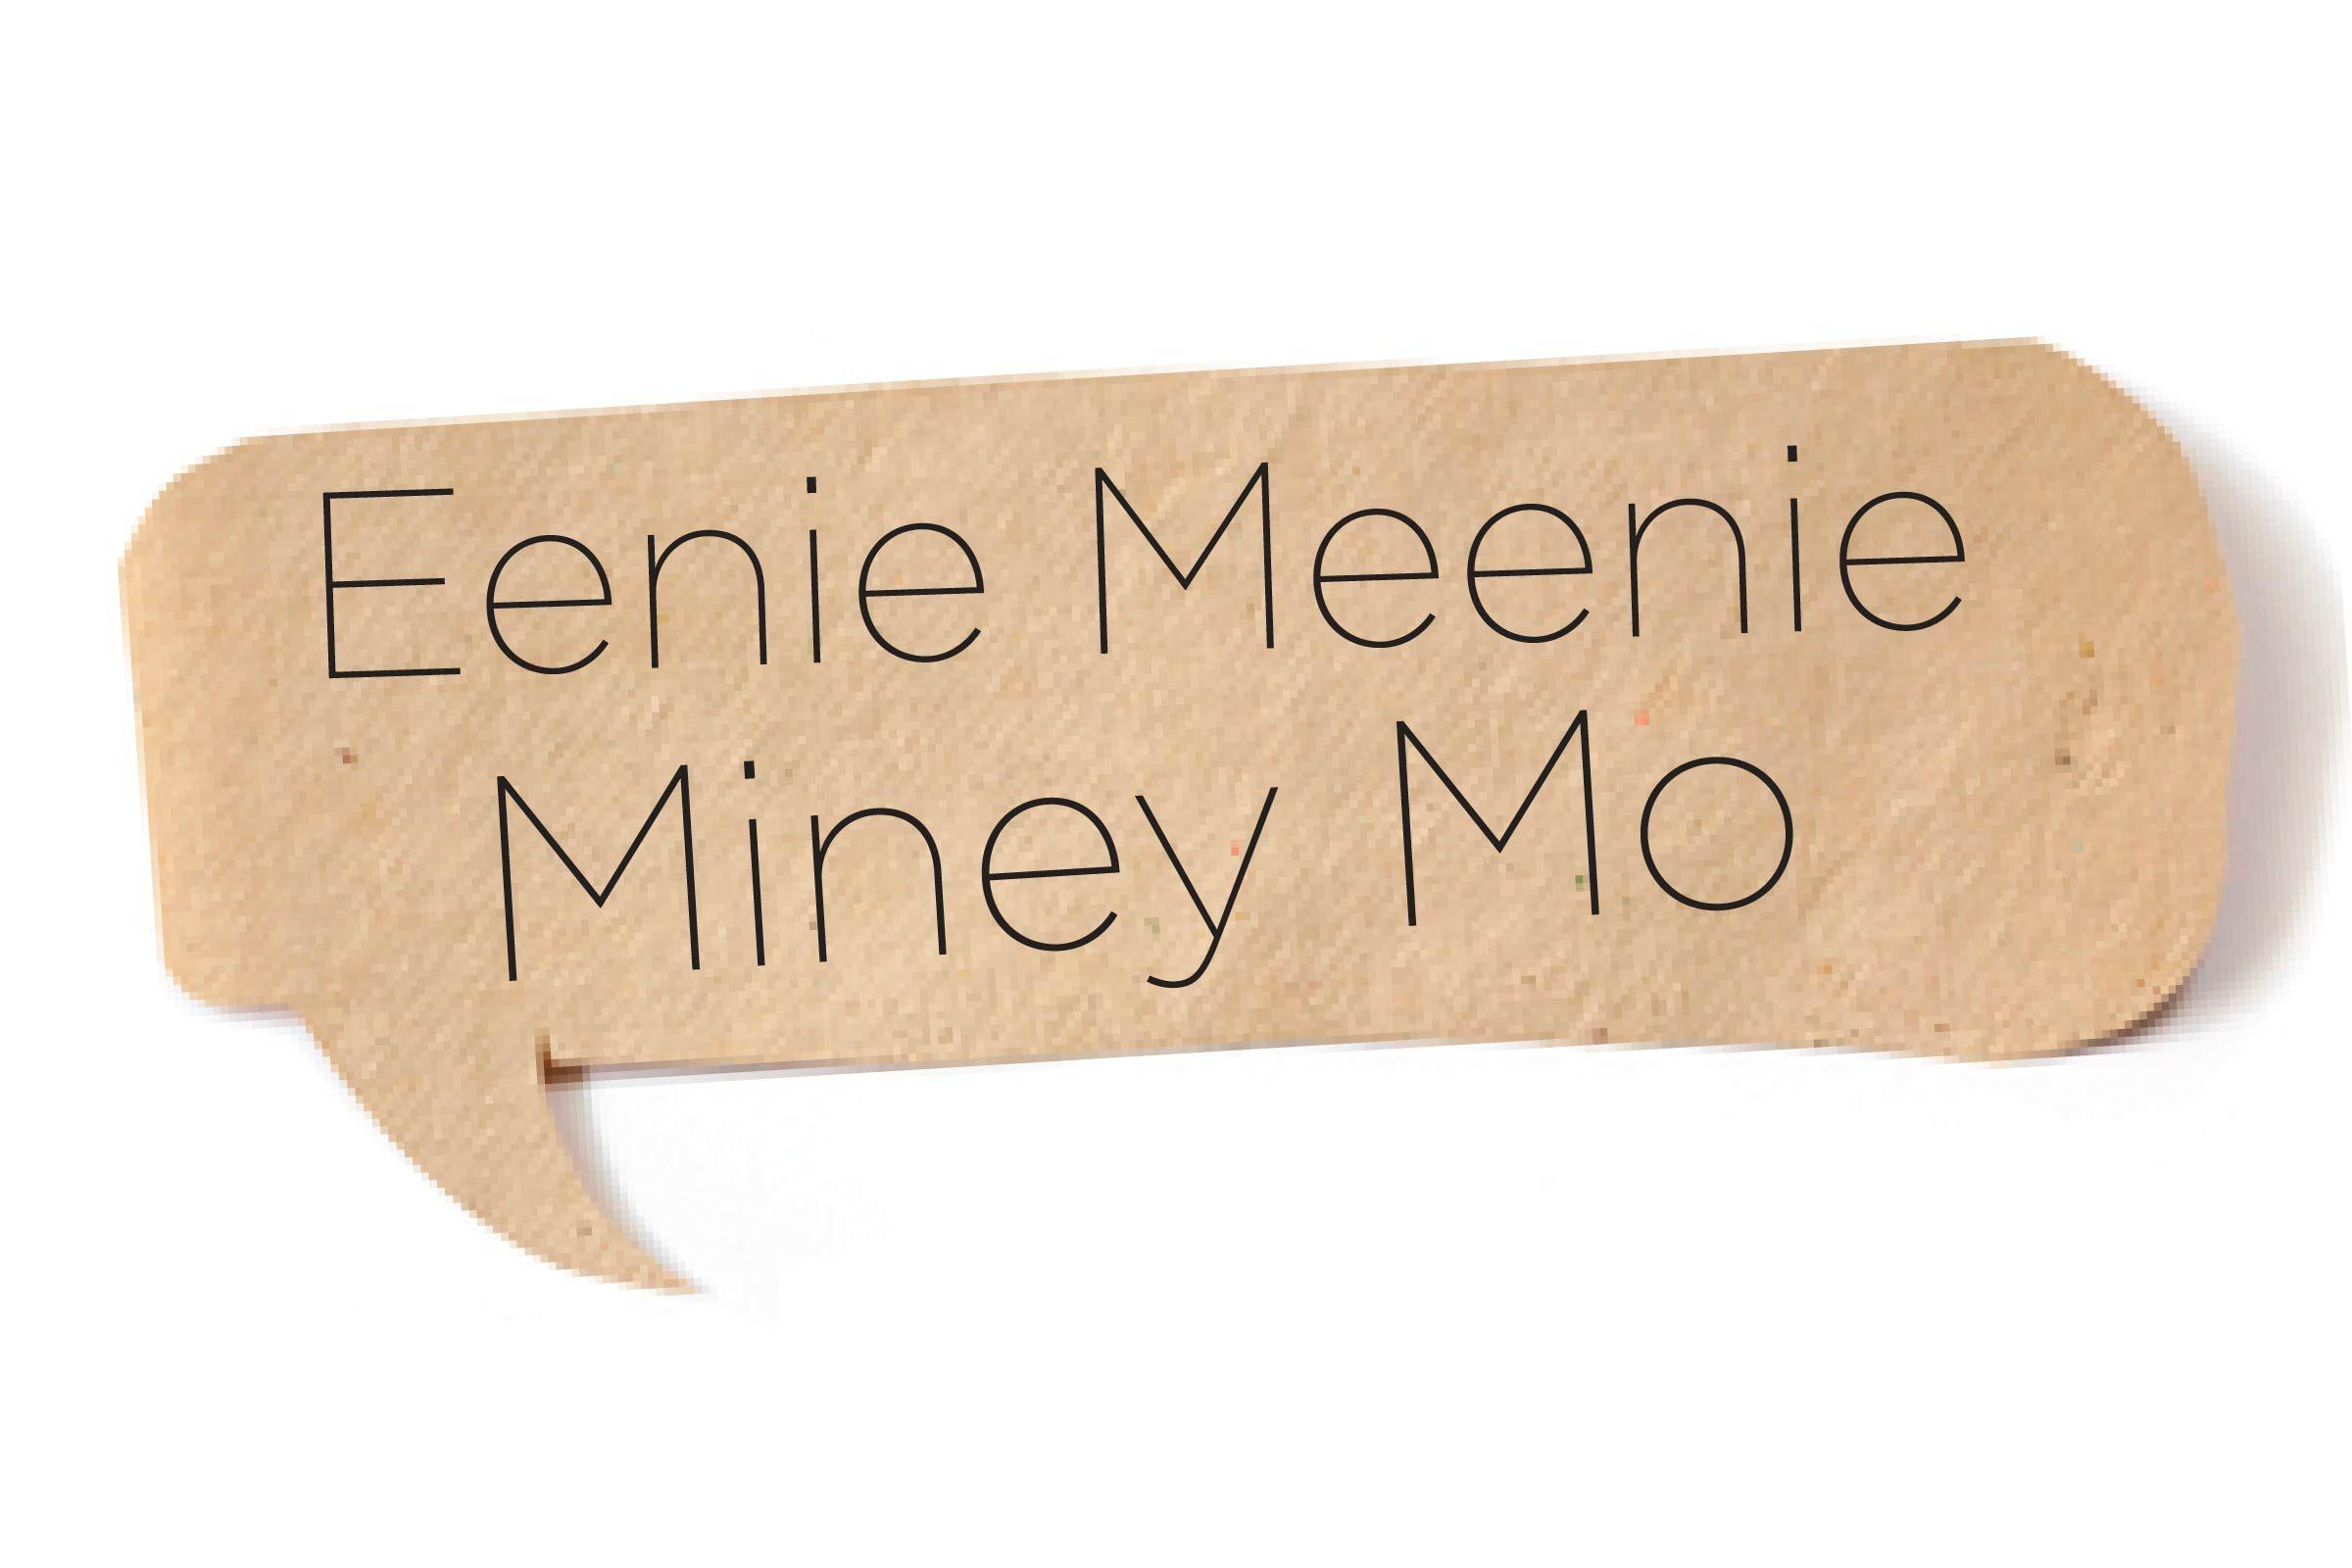 Offensive words - Eenie meenie miney mo